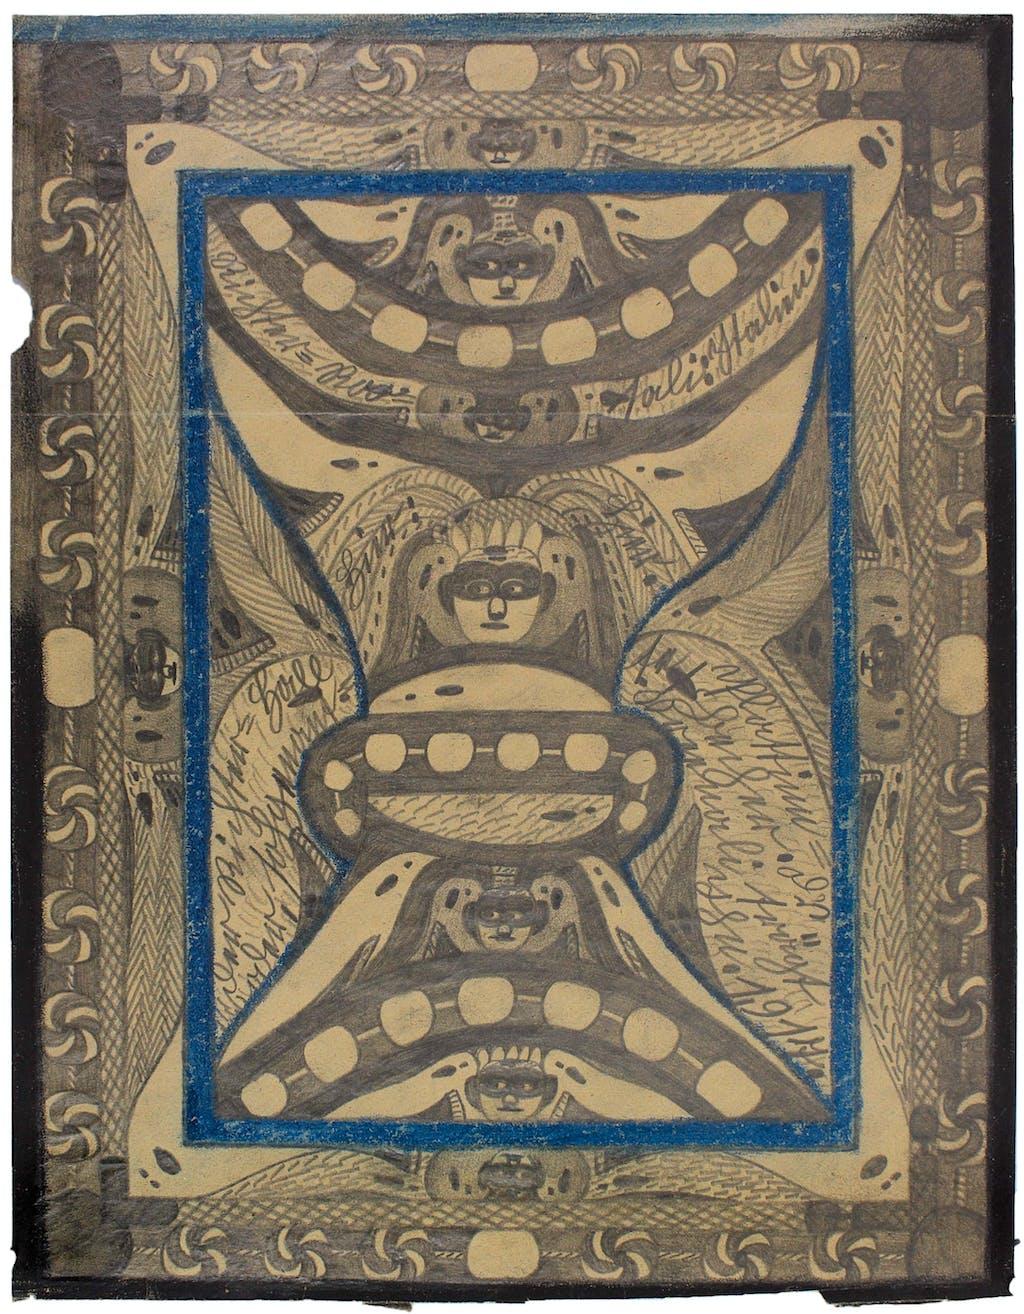 Adolf Wolfli, sans titre (Der Richter-Hall, oder, sogenanntee Plattinn-Becher: D's Vreeneli trägt ihn)  - © christian berst — art brut